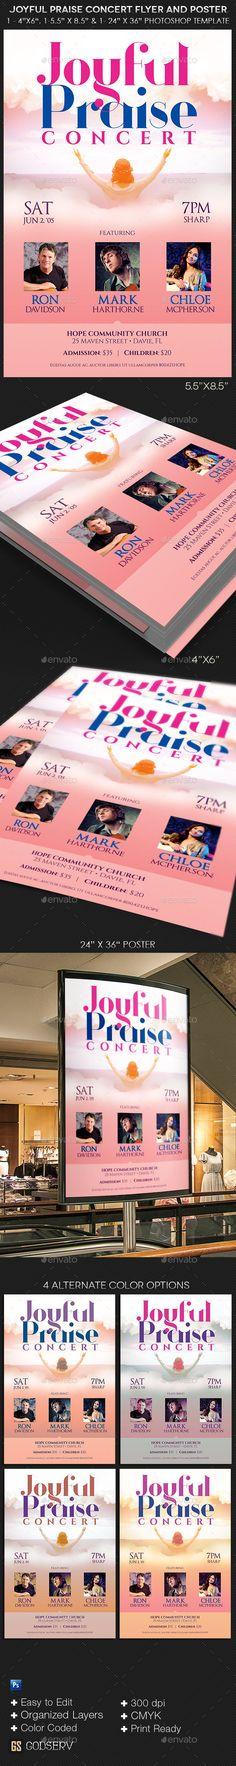 Joyful Praise Concert Flyer Poster Template - Church Flyers